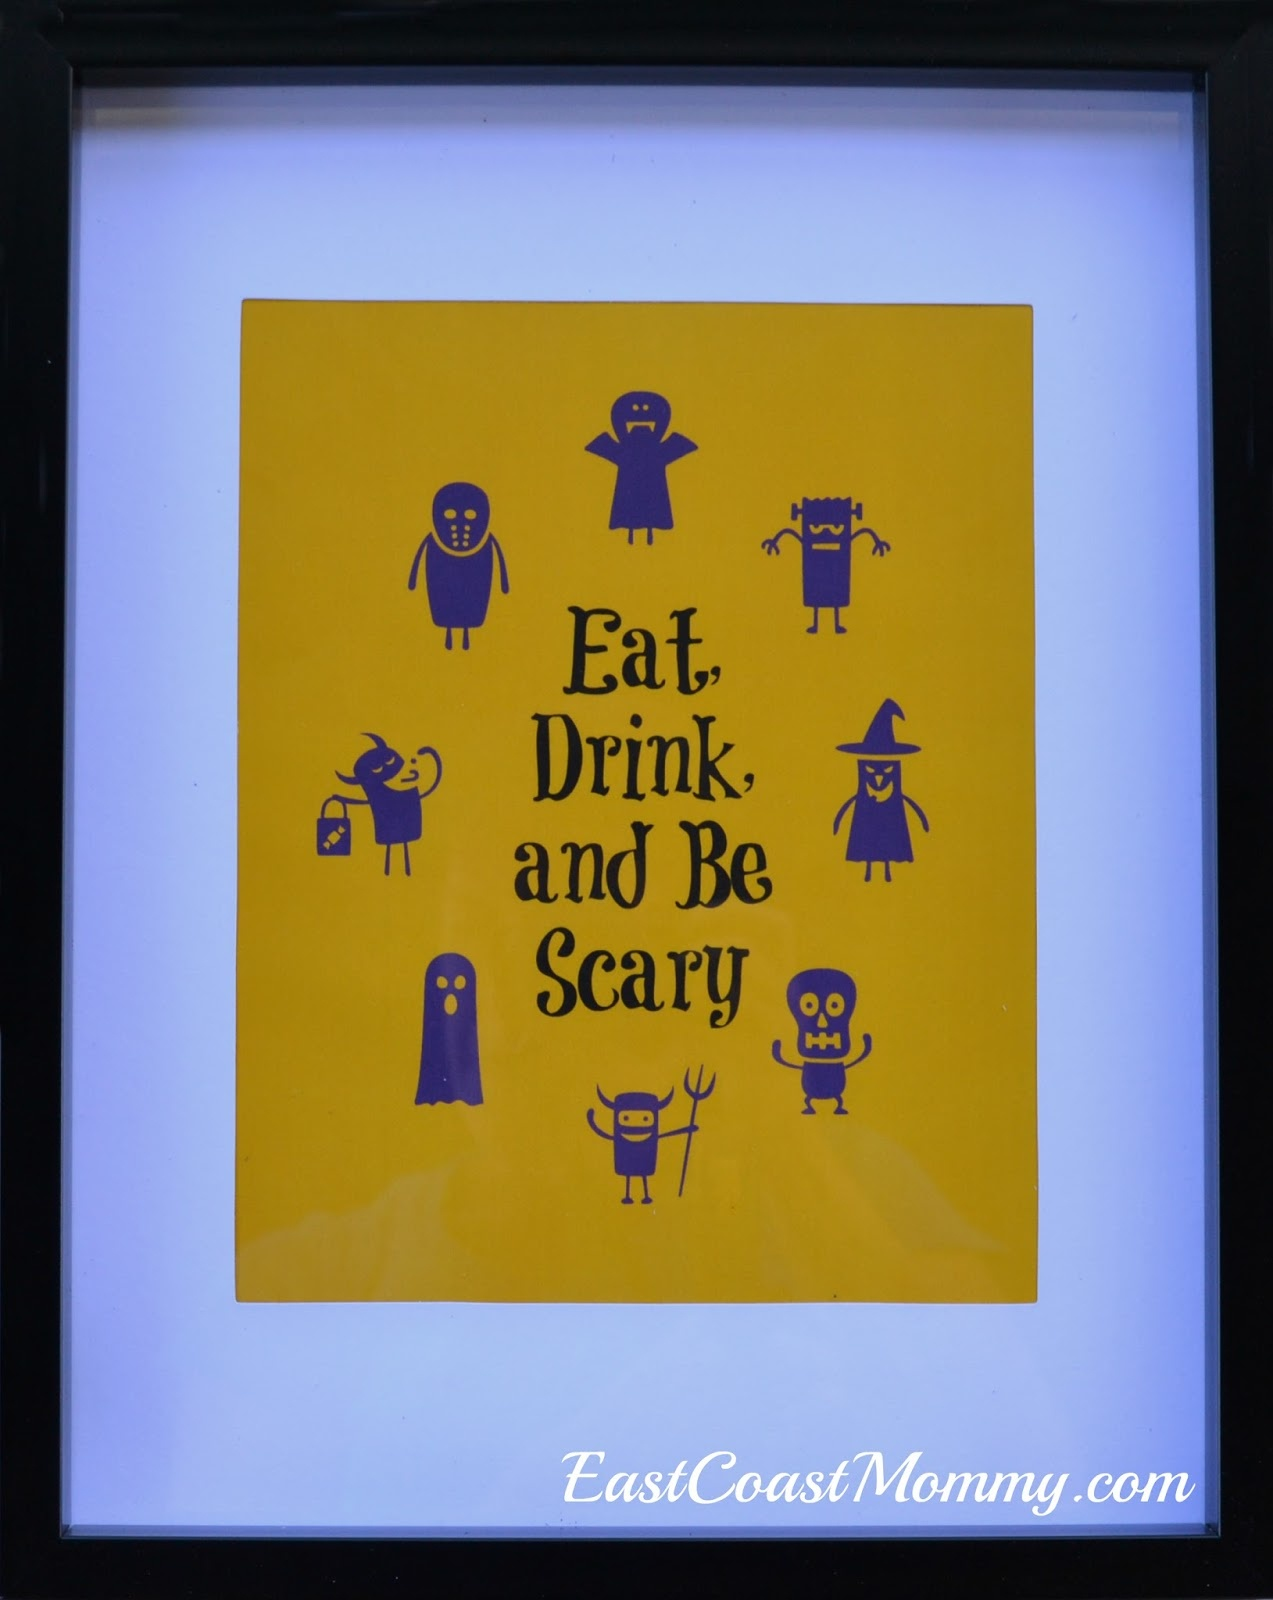 East Coast Mommy: Free Halloween Printable (Eat, Drink, And Be Scary) - Eat Drink And Be Scary Free Printable